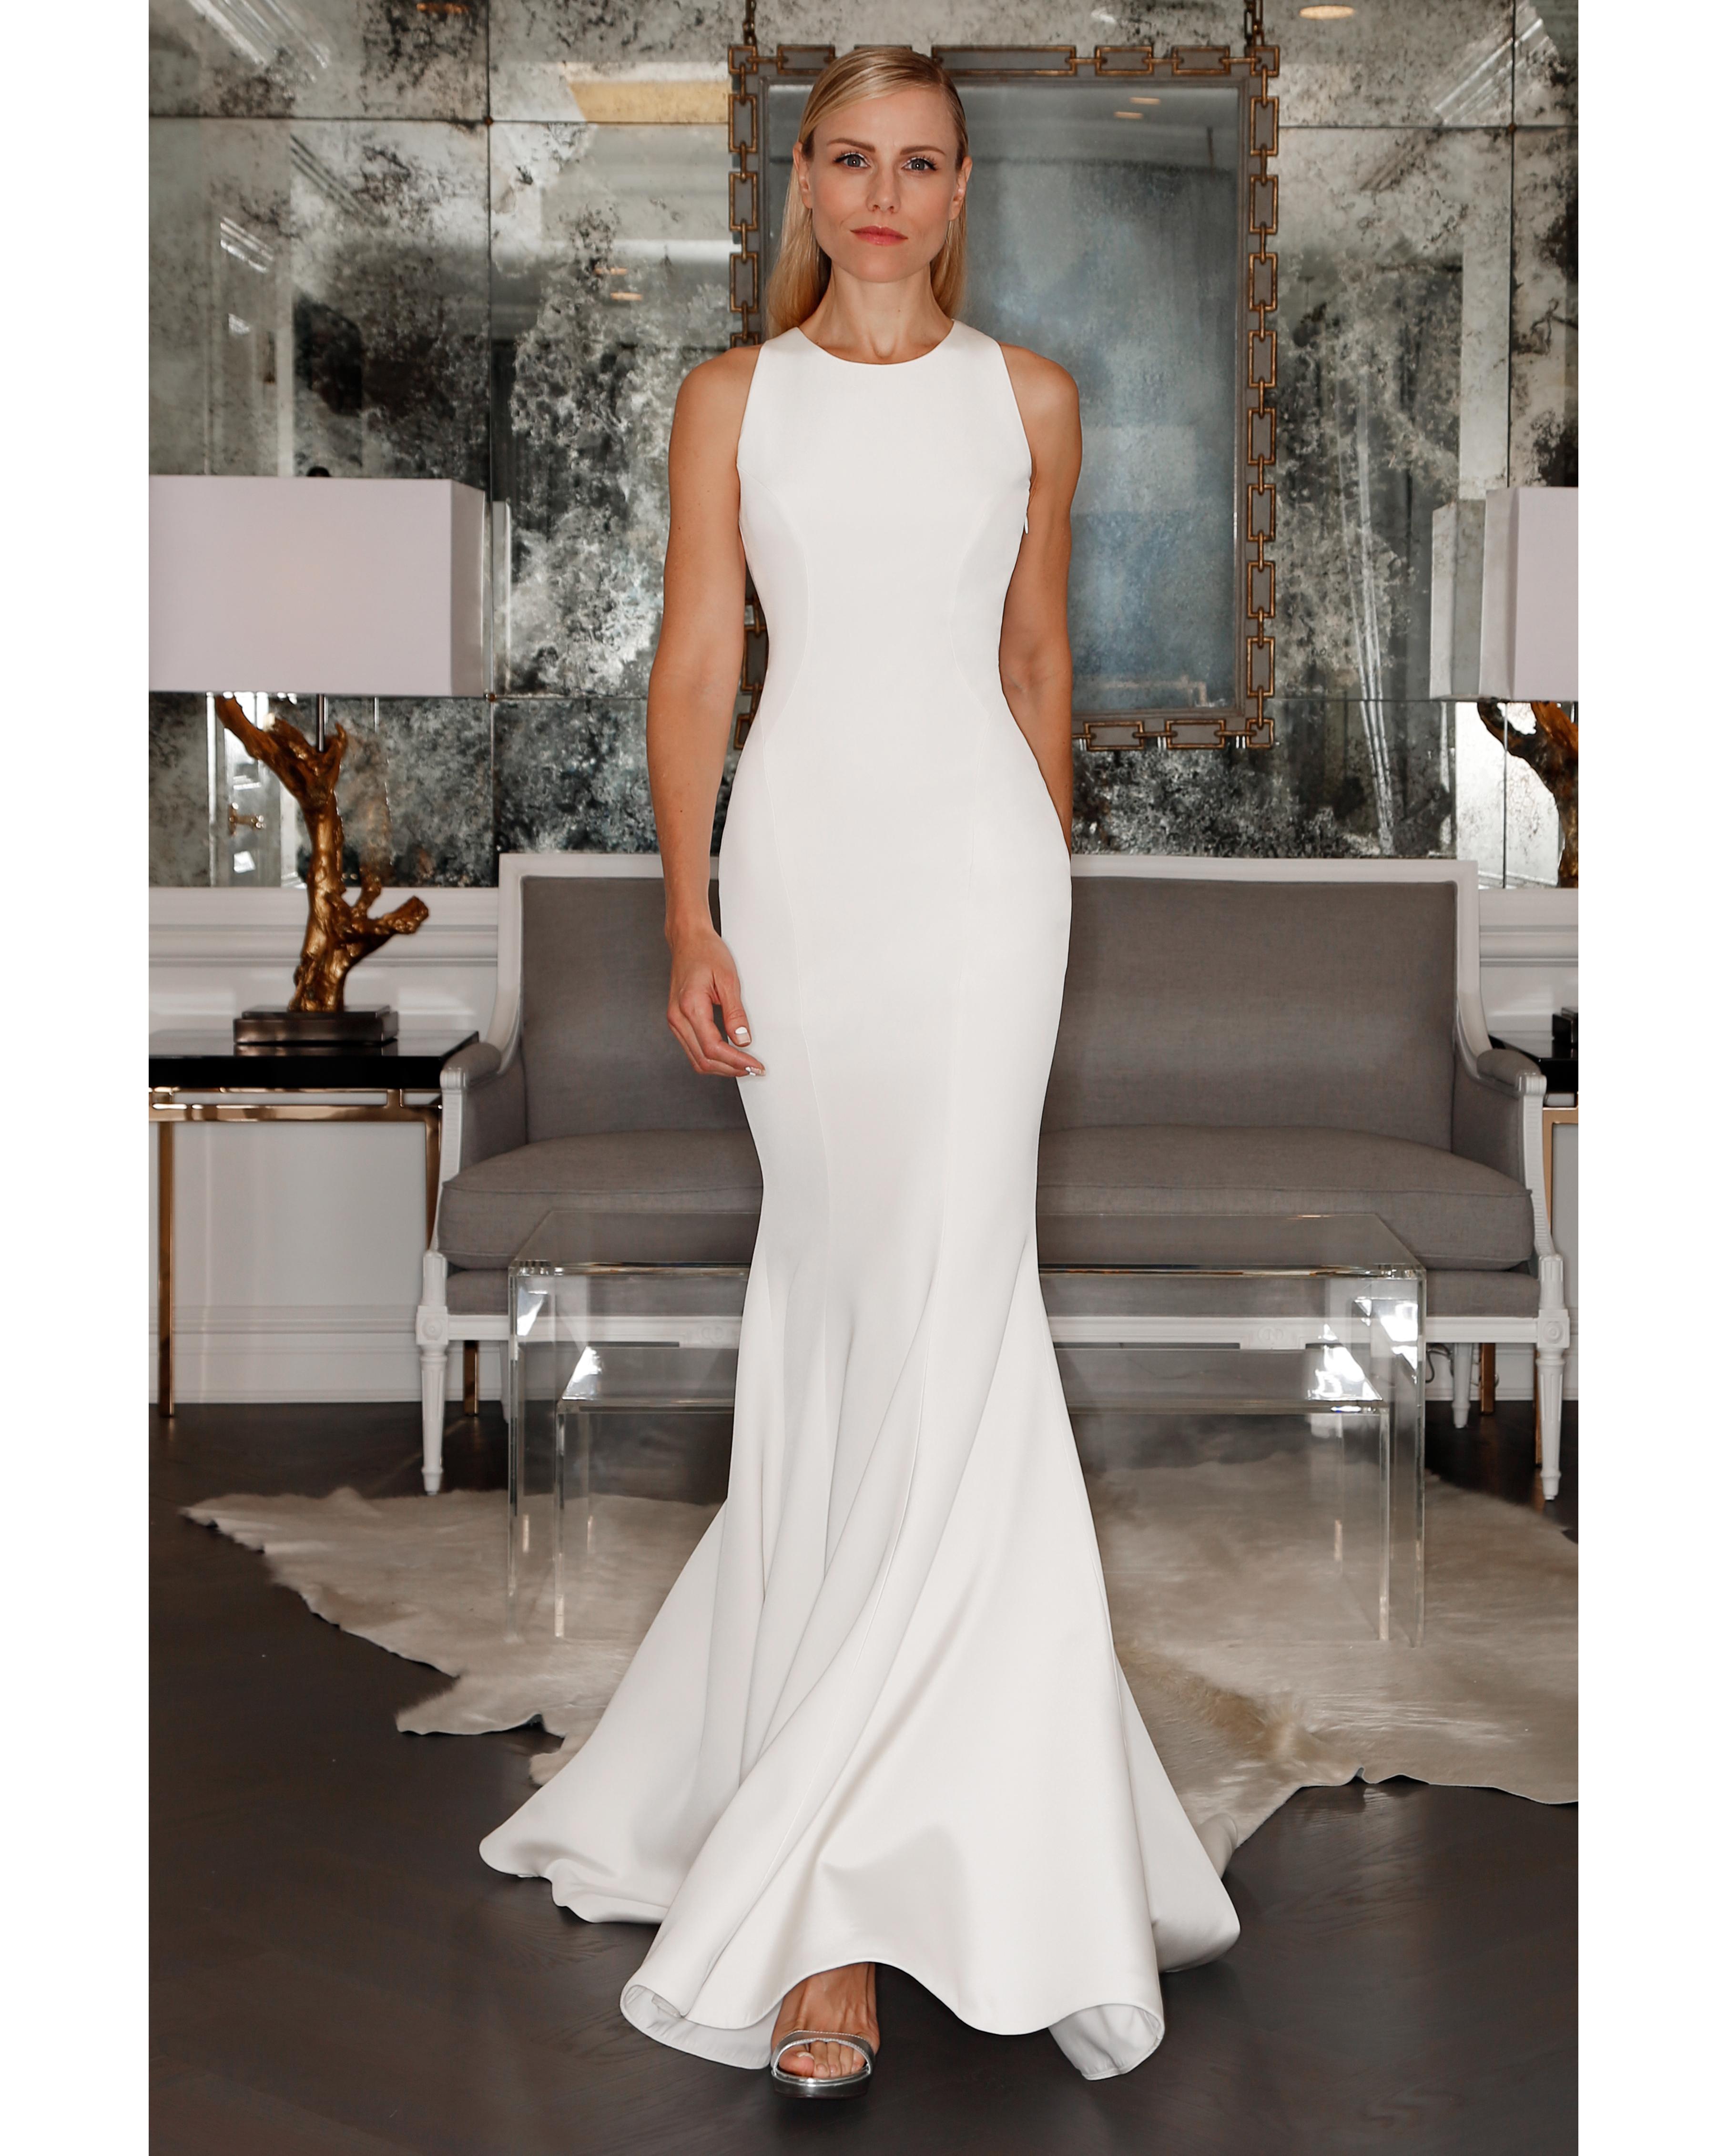 50-states-wedding-dresses-indiana-romona-keveza-0615.jpg